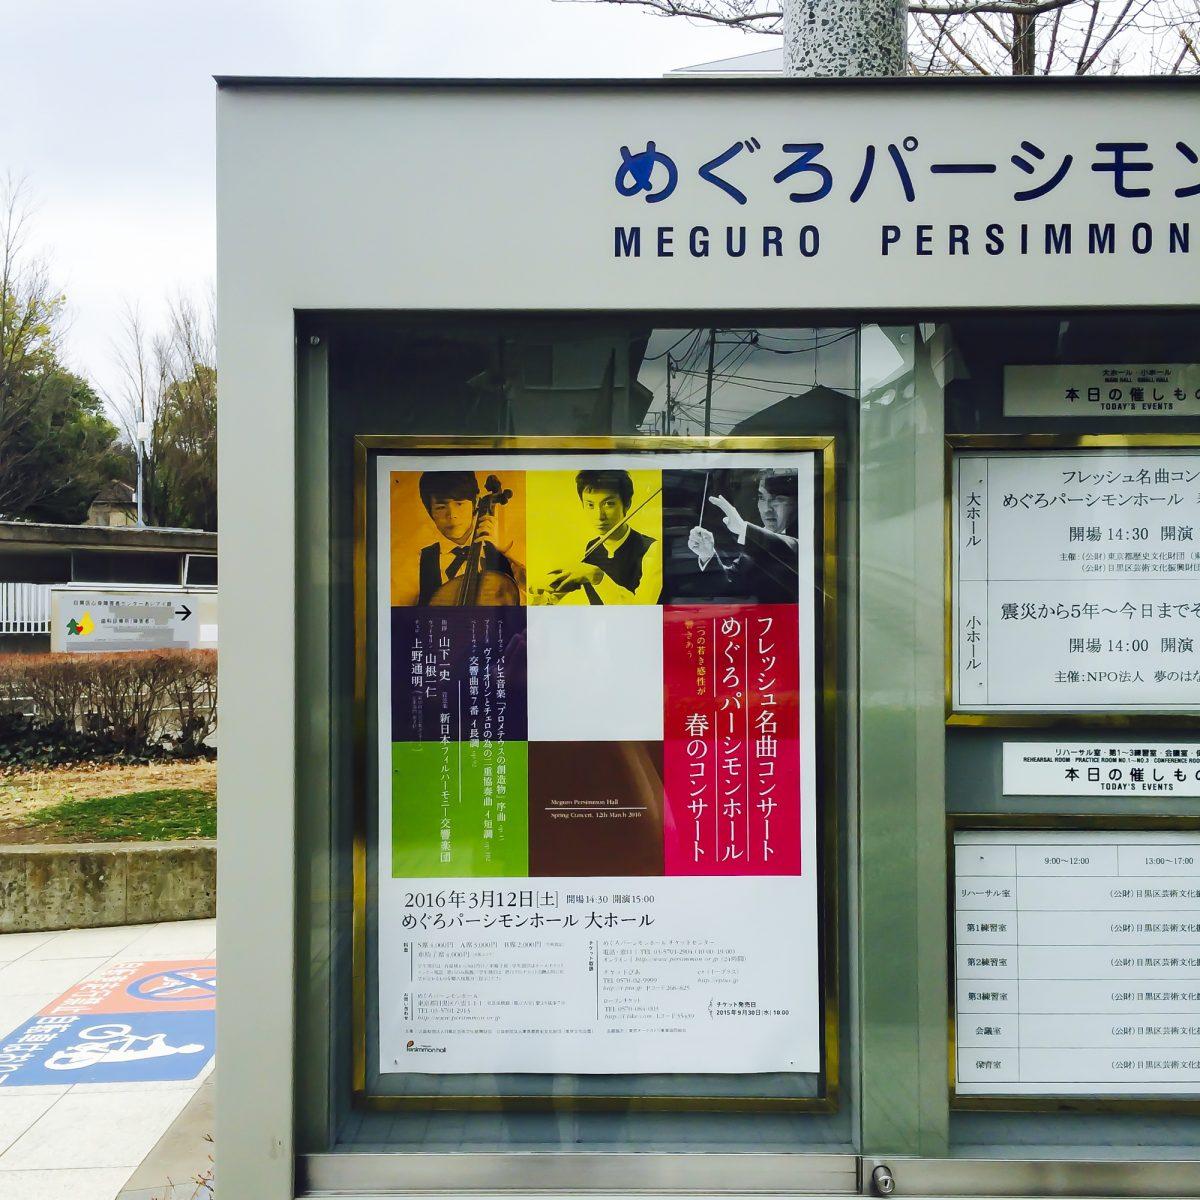 目黒区芸術文化振興財団|フレッシュ名曲コンサート2016|グラフィックデザイン|東京都目黒区